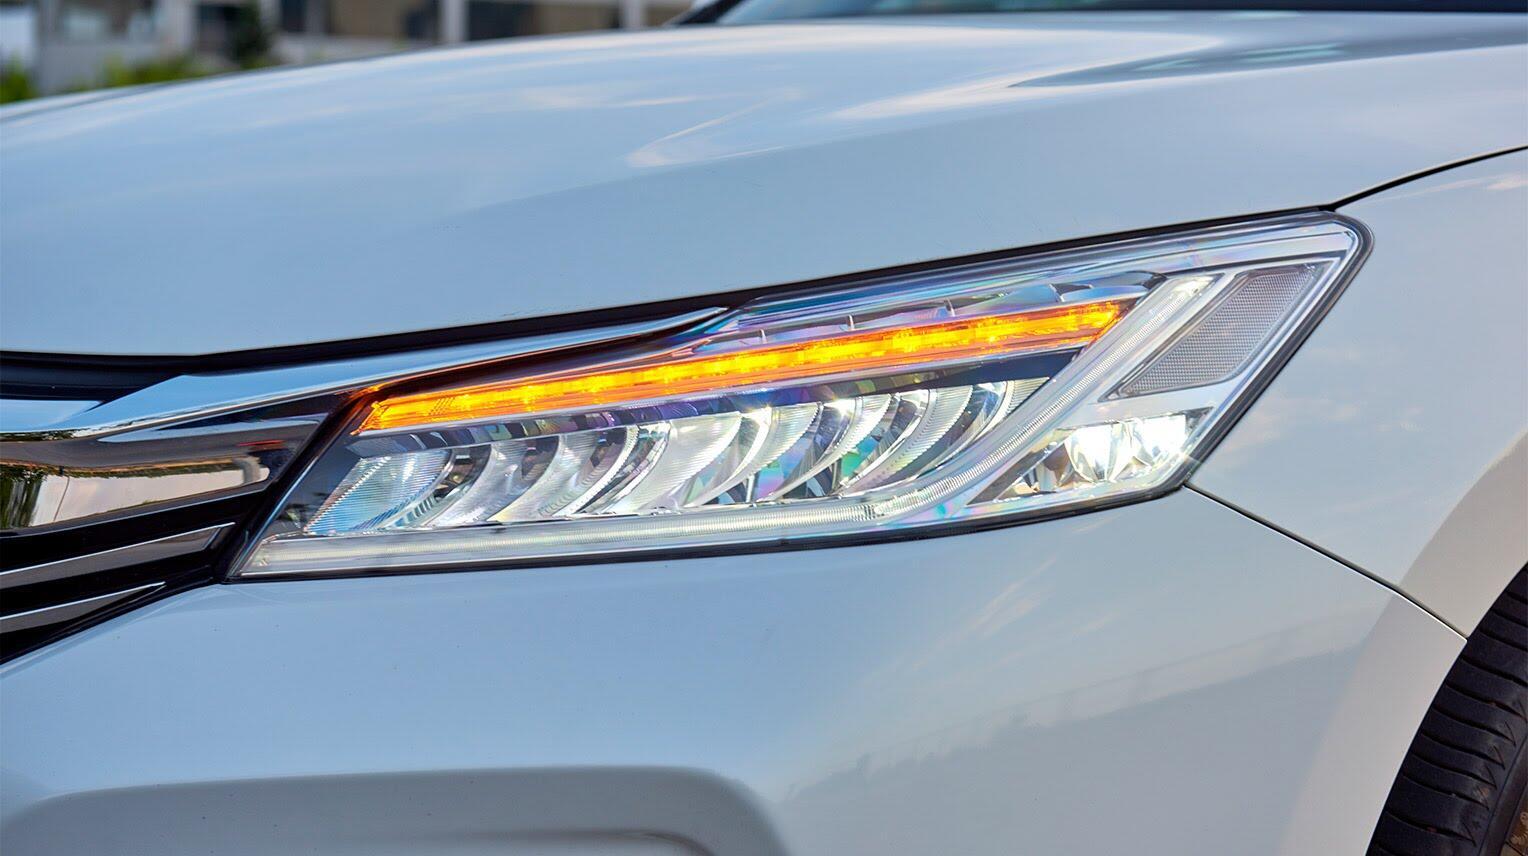 Đánh giá Honda Accord 2016: Ưa nhìn hơn, trang bị tốt hơn và lái phấn khích hơn - Hình 5